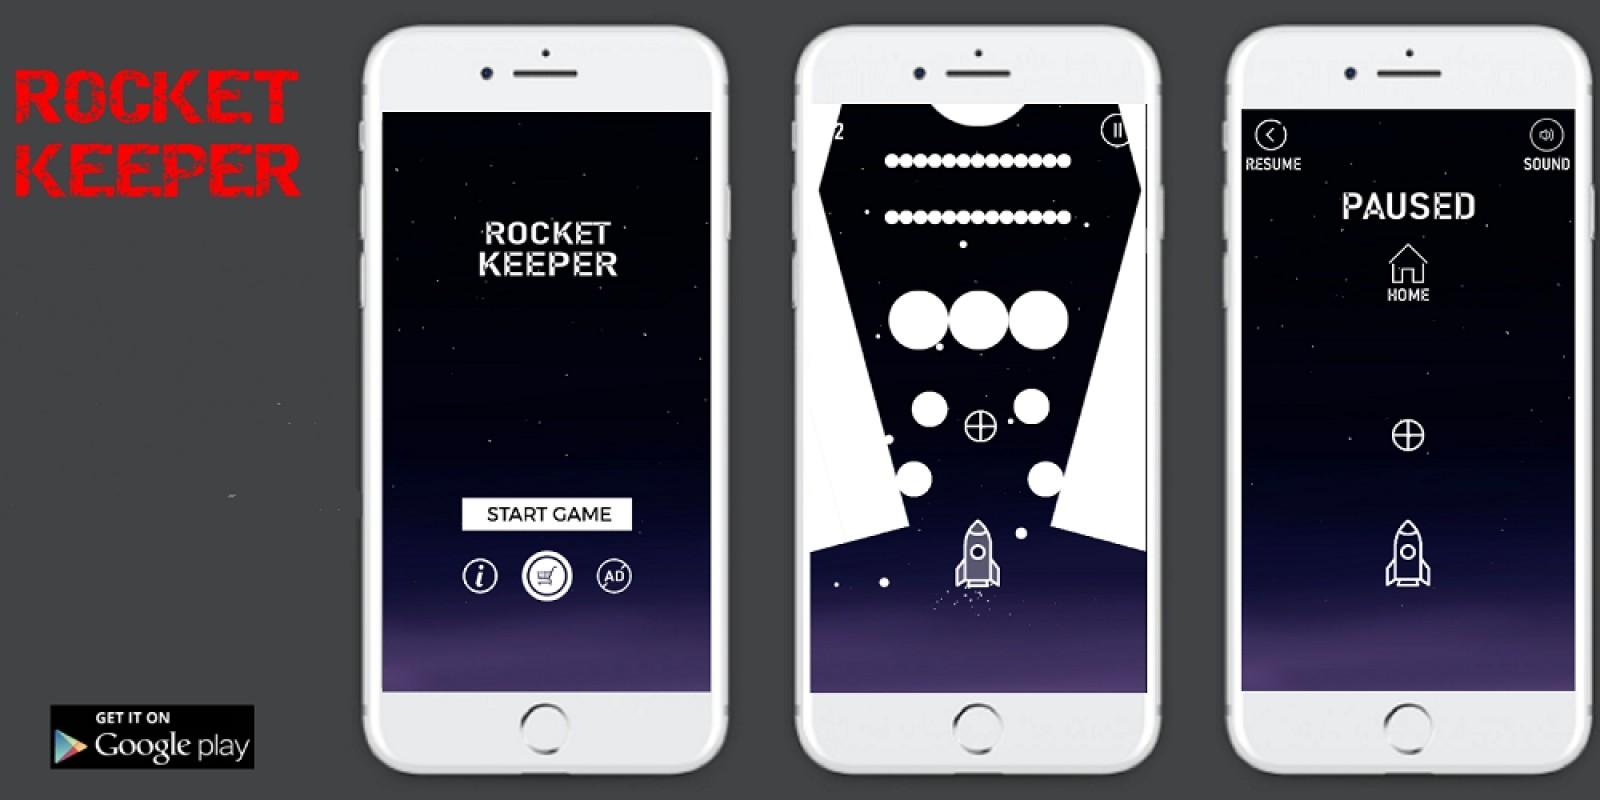 Rocket Keeper - Buildbox Template